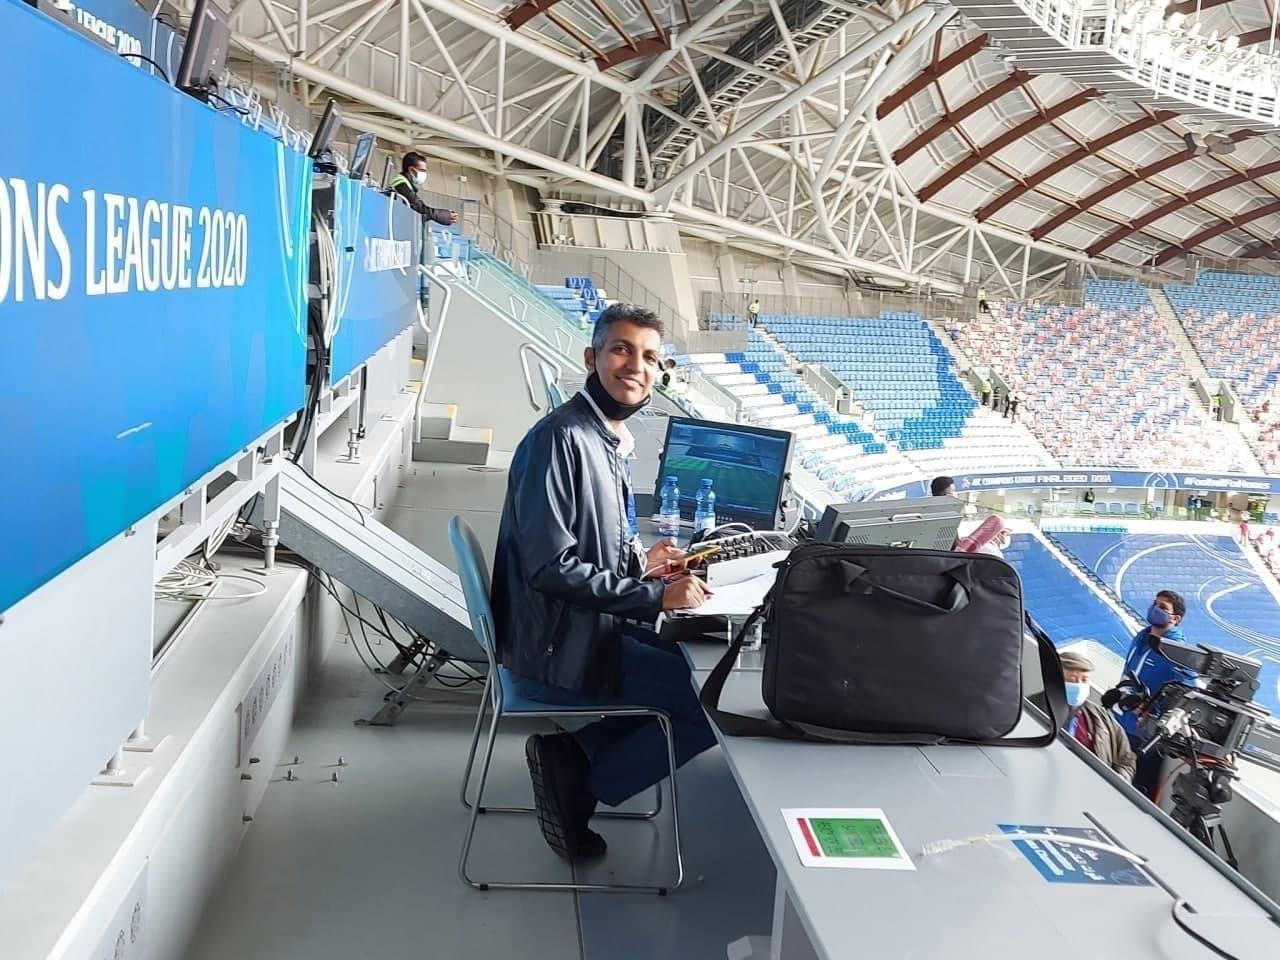 عادل فردوسیپور در جایگاه گزارشگری